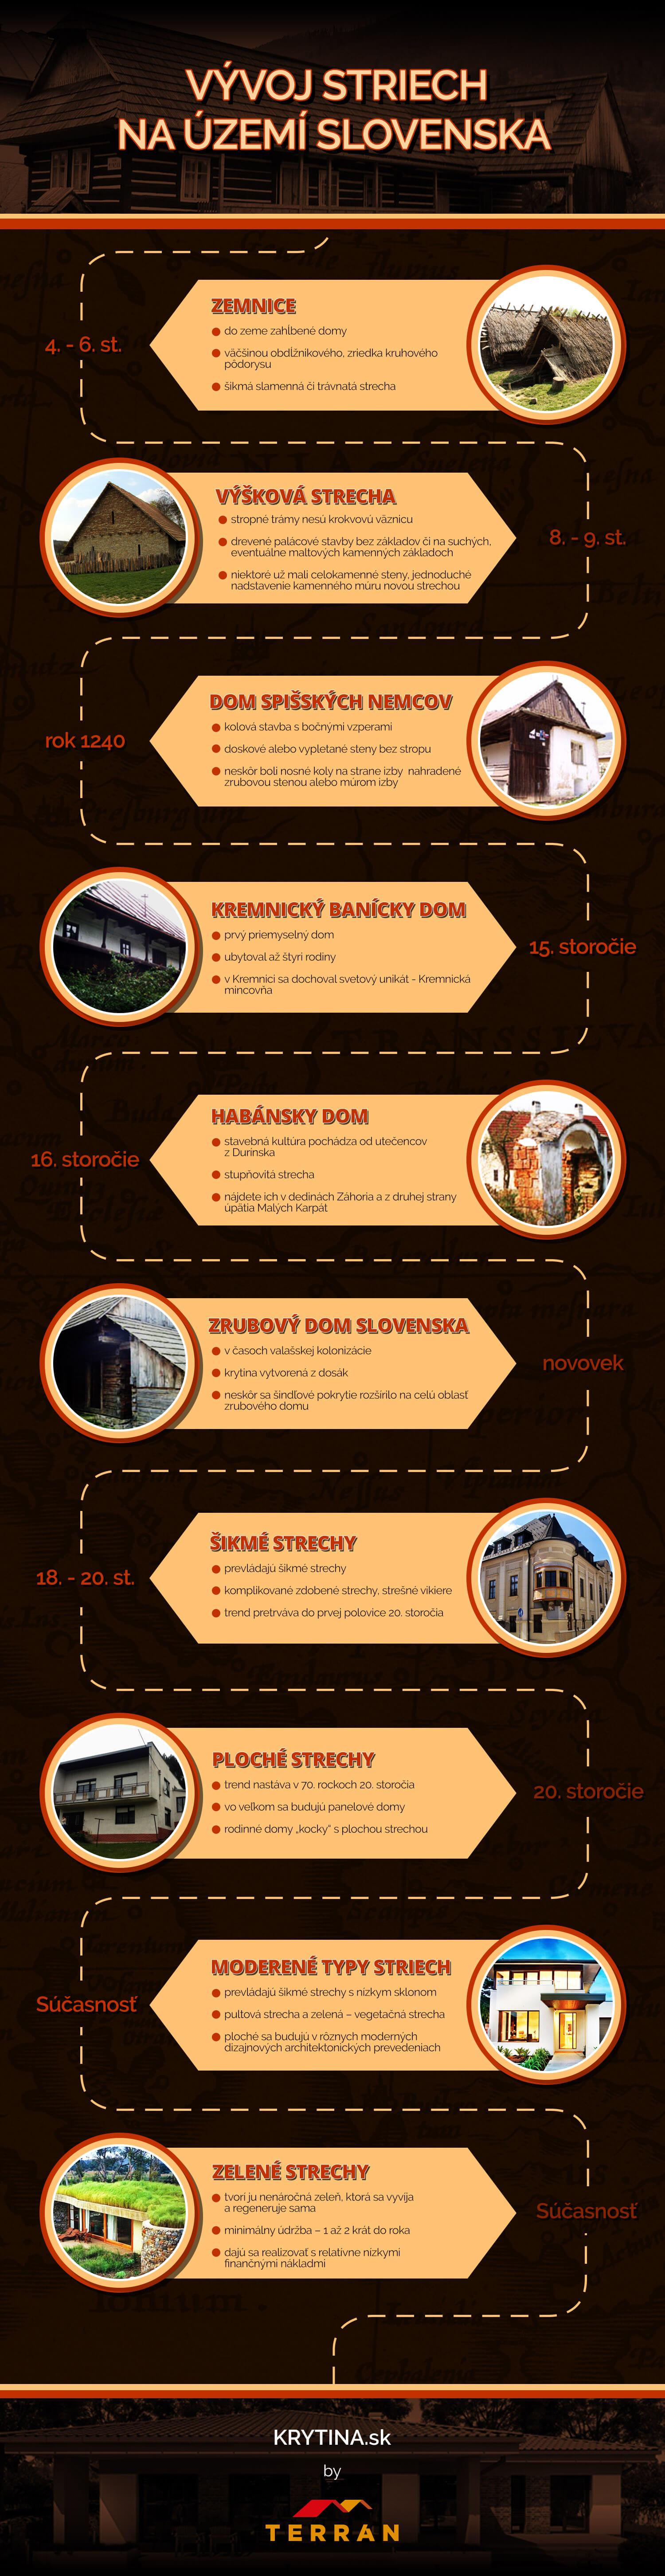 Infografika-historia-striech-stavby-na-slovensku-ake-strechy